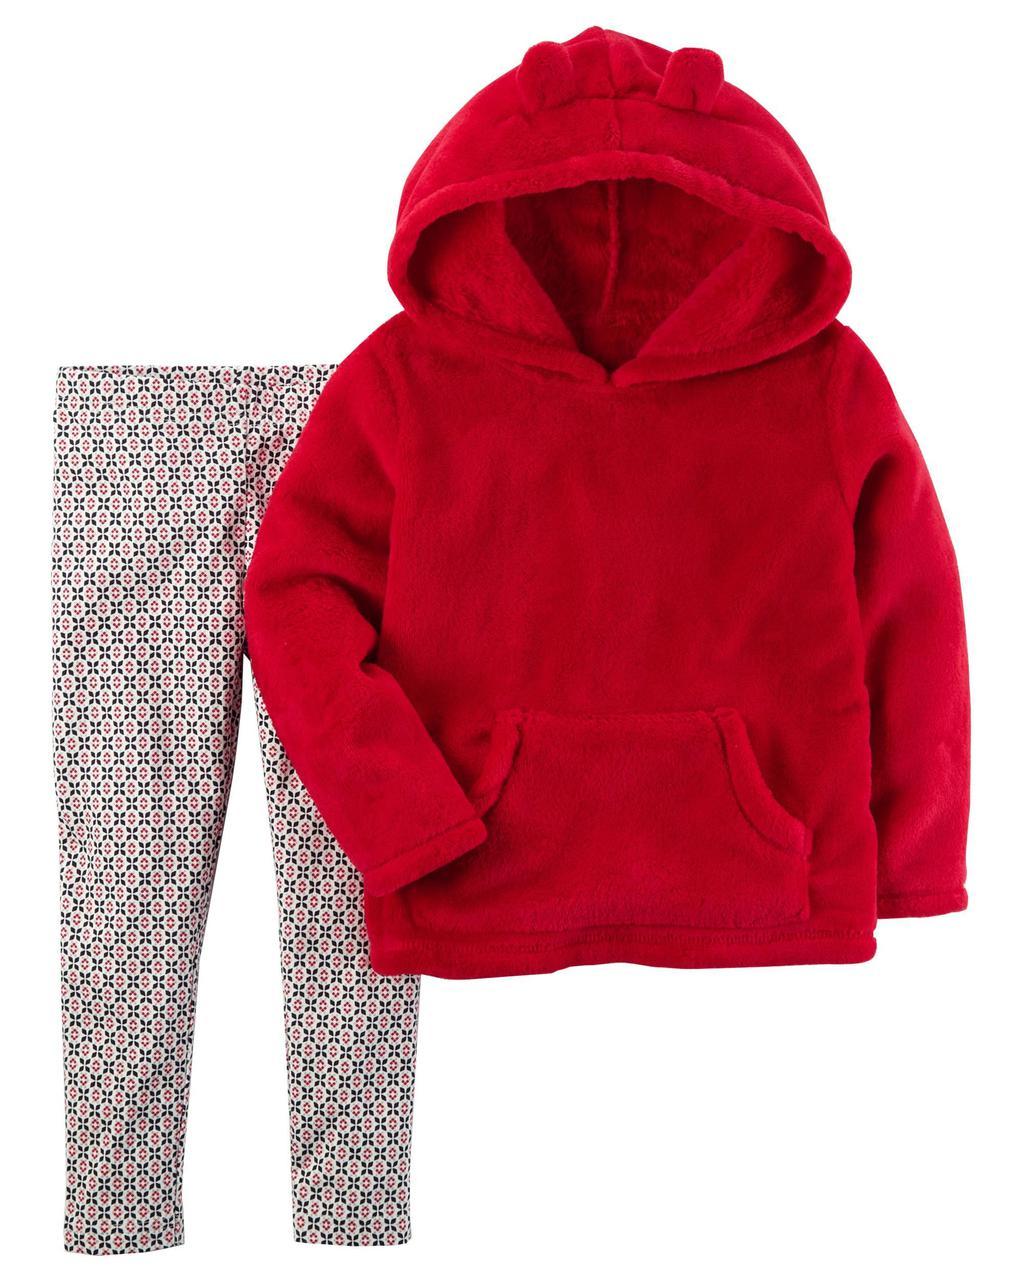 Леггинсы + Теплый пуловер Carters для девочки 24 мес (2 года) 83-86 см. Набор из 2-х частей